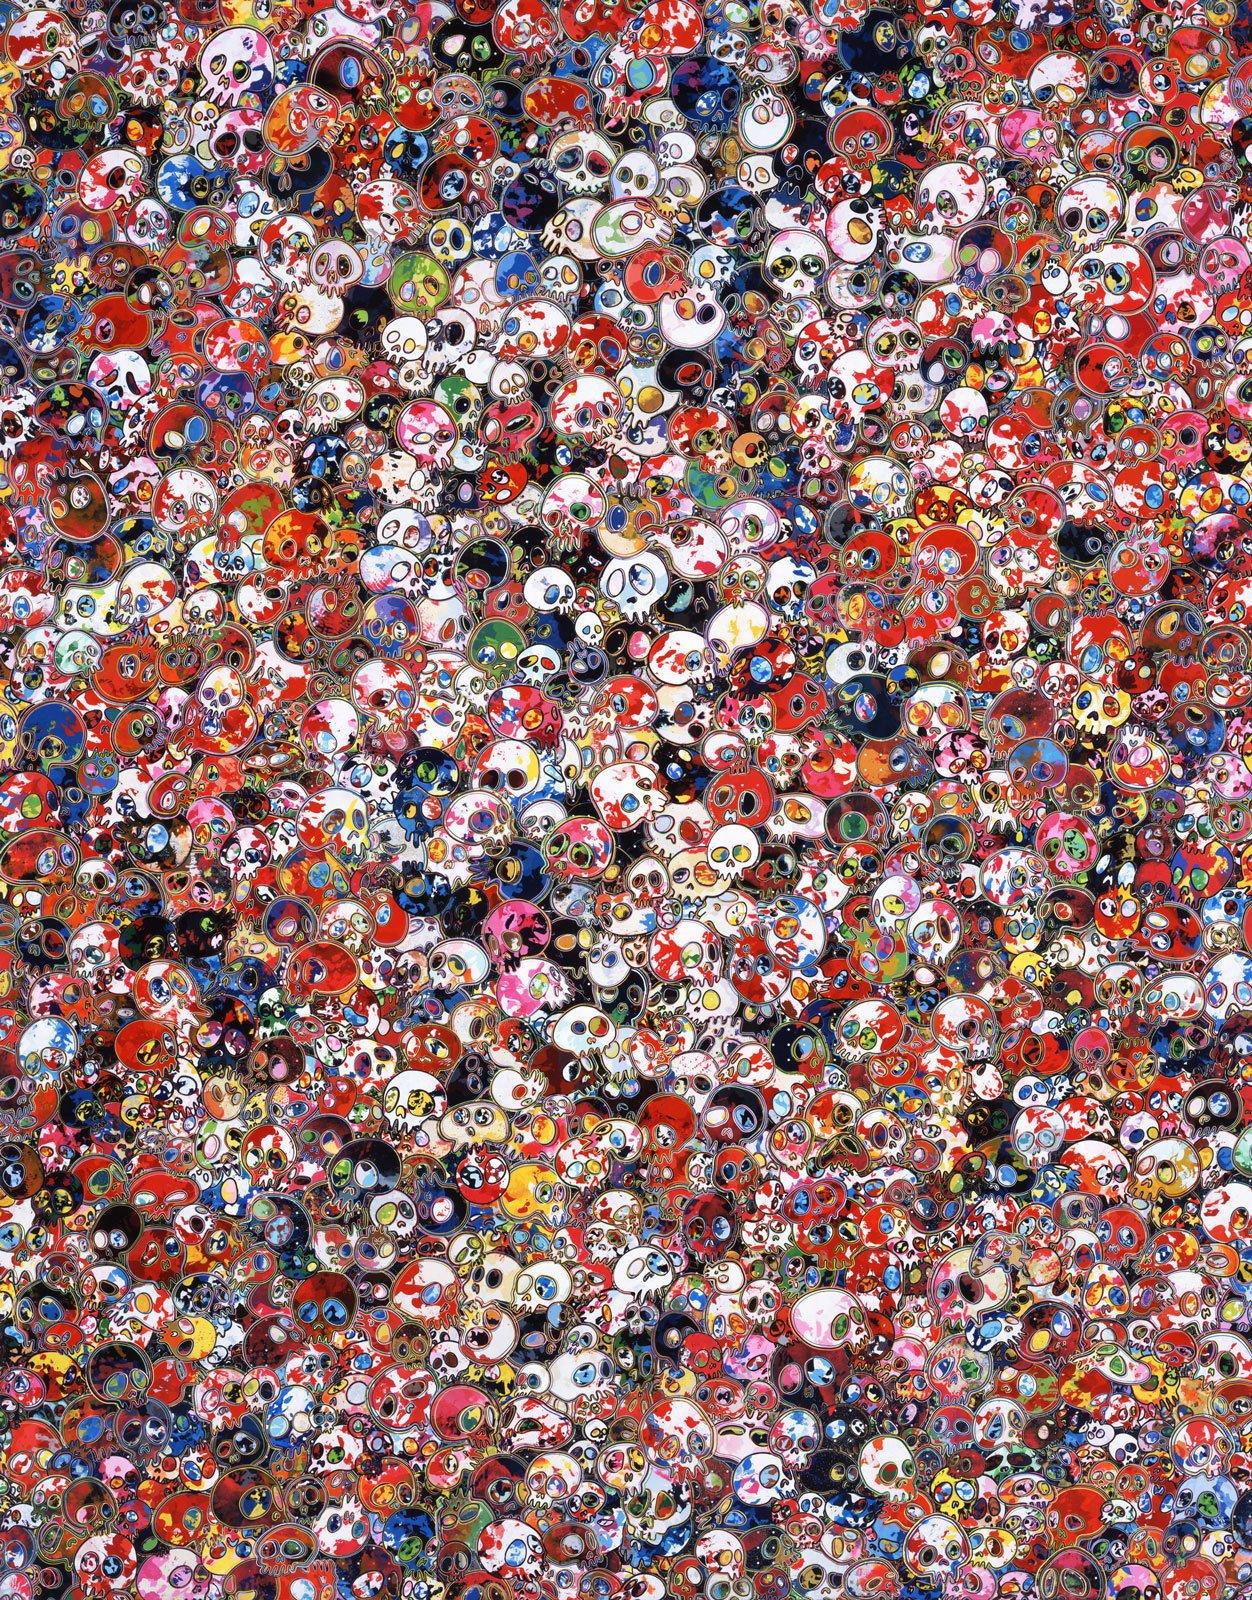 Смерть музея: куда инстаграм завел искусство (фото 4)